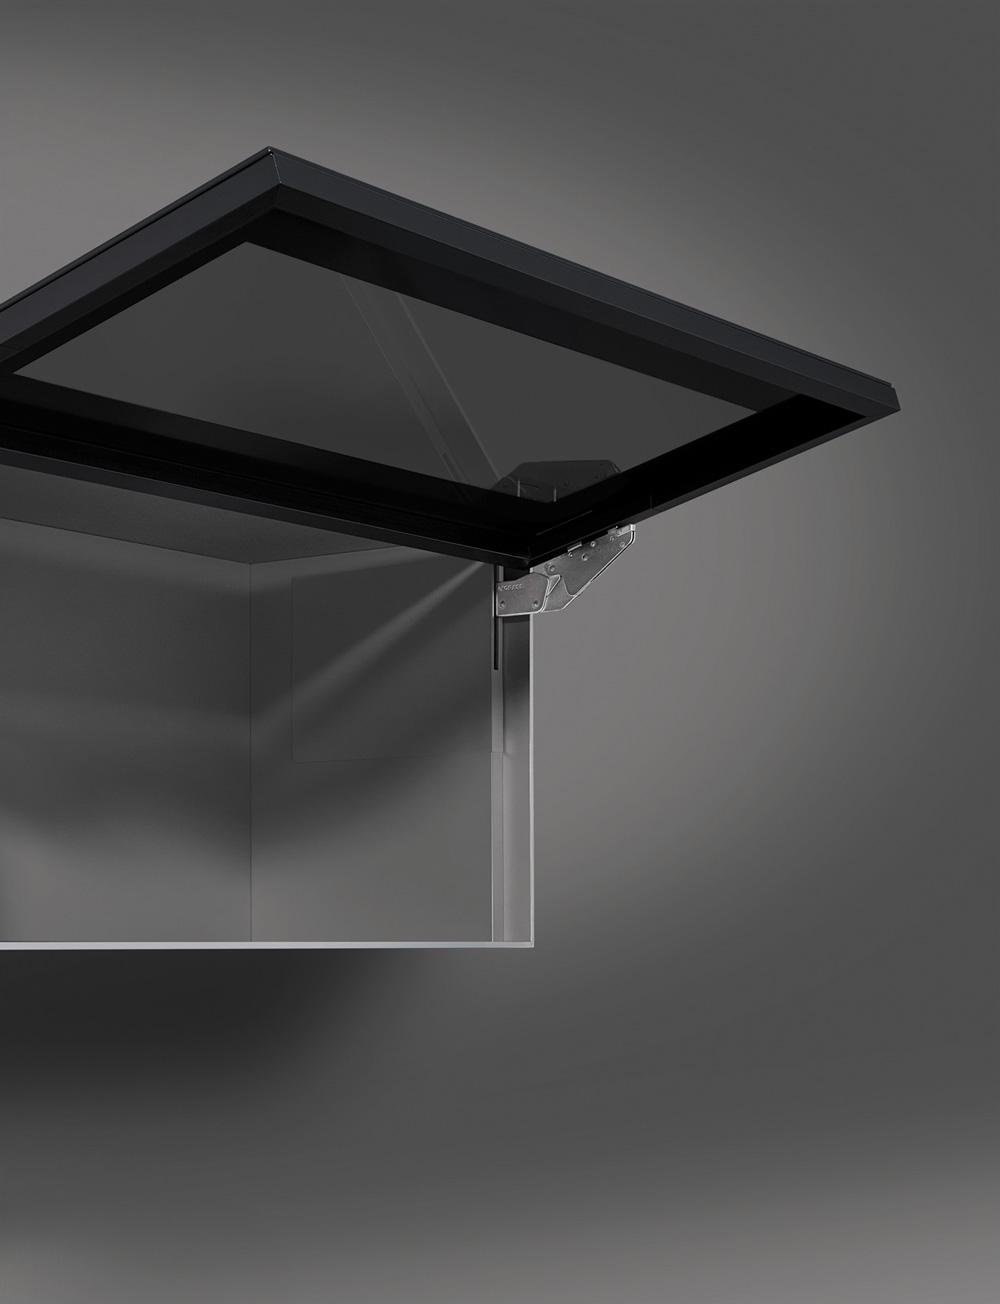 Подъемник Kinvaro T-Slim для фасада из алюм. рамки, КМ 1000-2250, с открытием от нажатия, графит